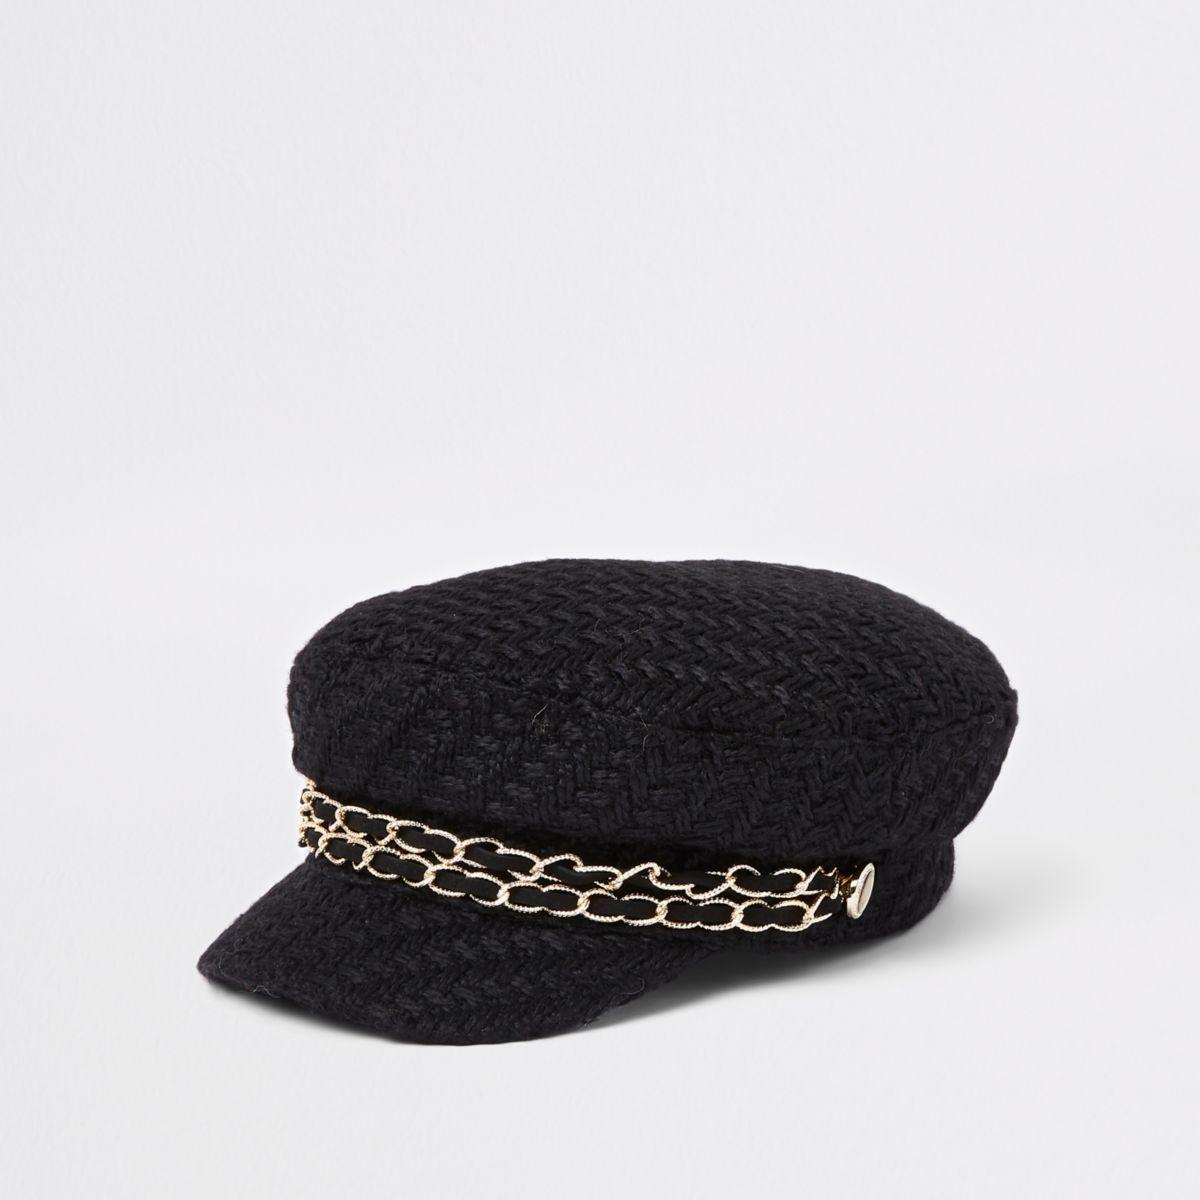 Black double chain baker boy hat